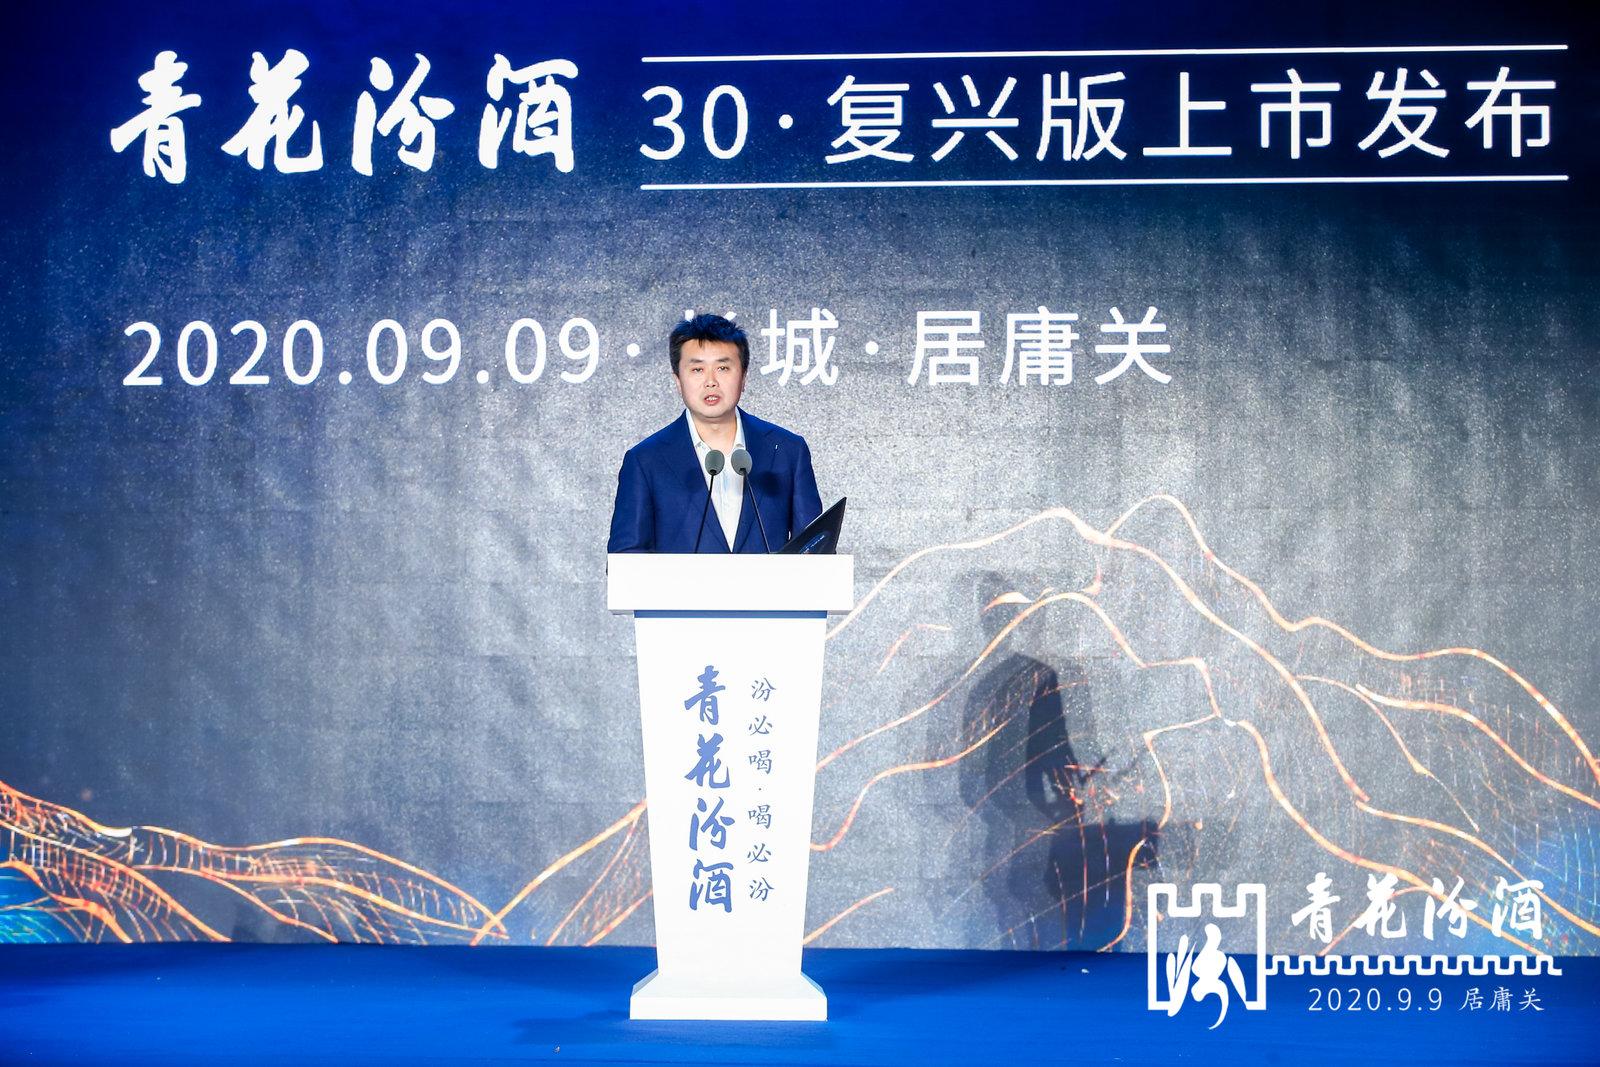 刘爽:长城之巅艺术文化交融 助力民族品牌汾酒强势复兴